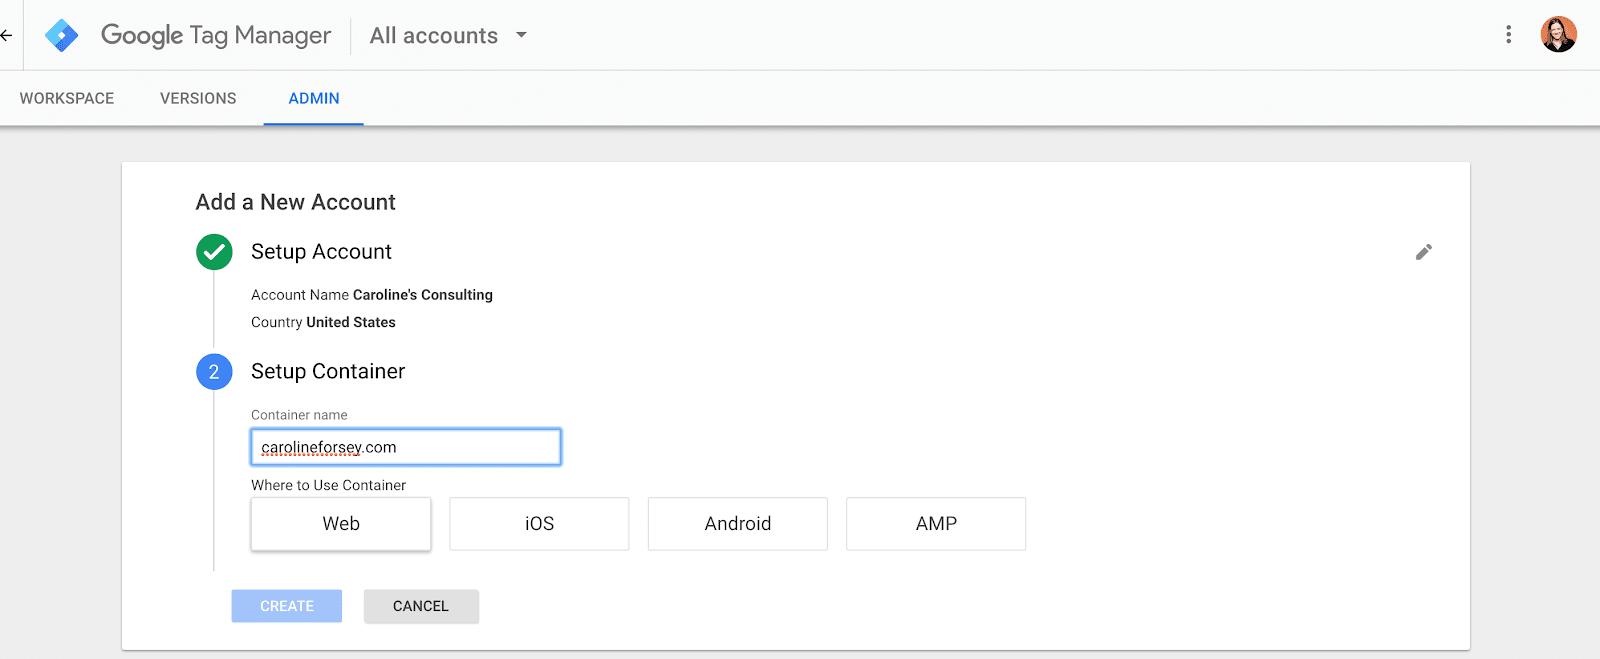 ثبت نام یک حساب کاربری در GTM